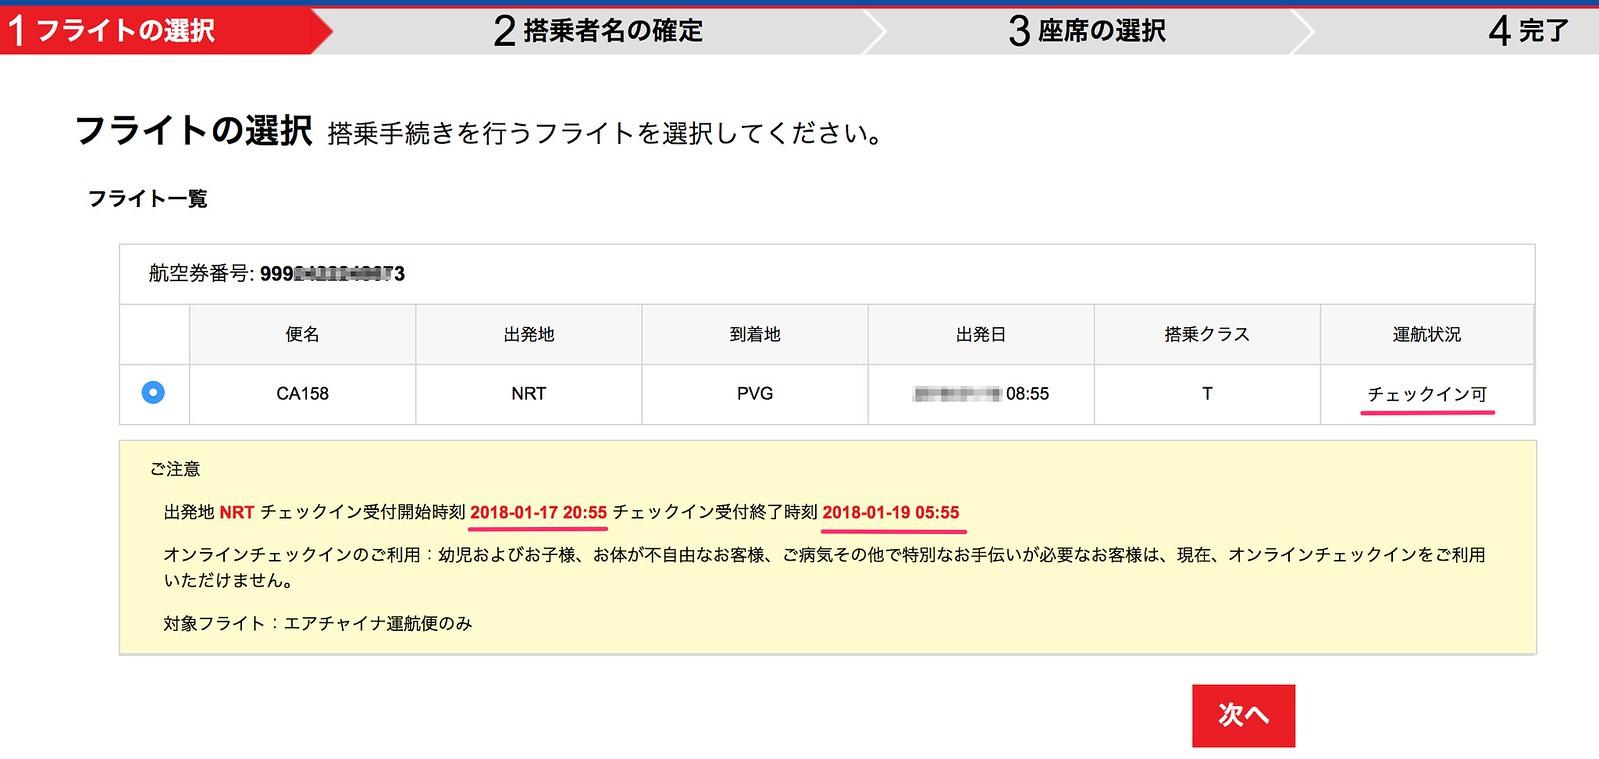 中国国際航空・日本公式サイト-12